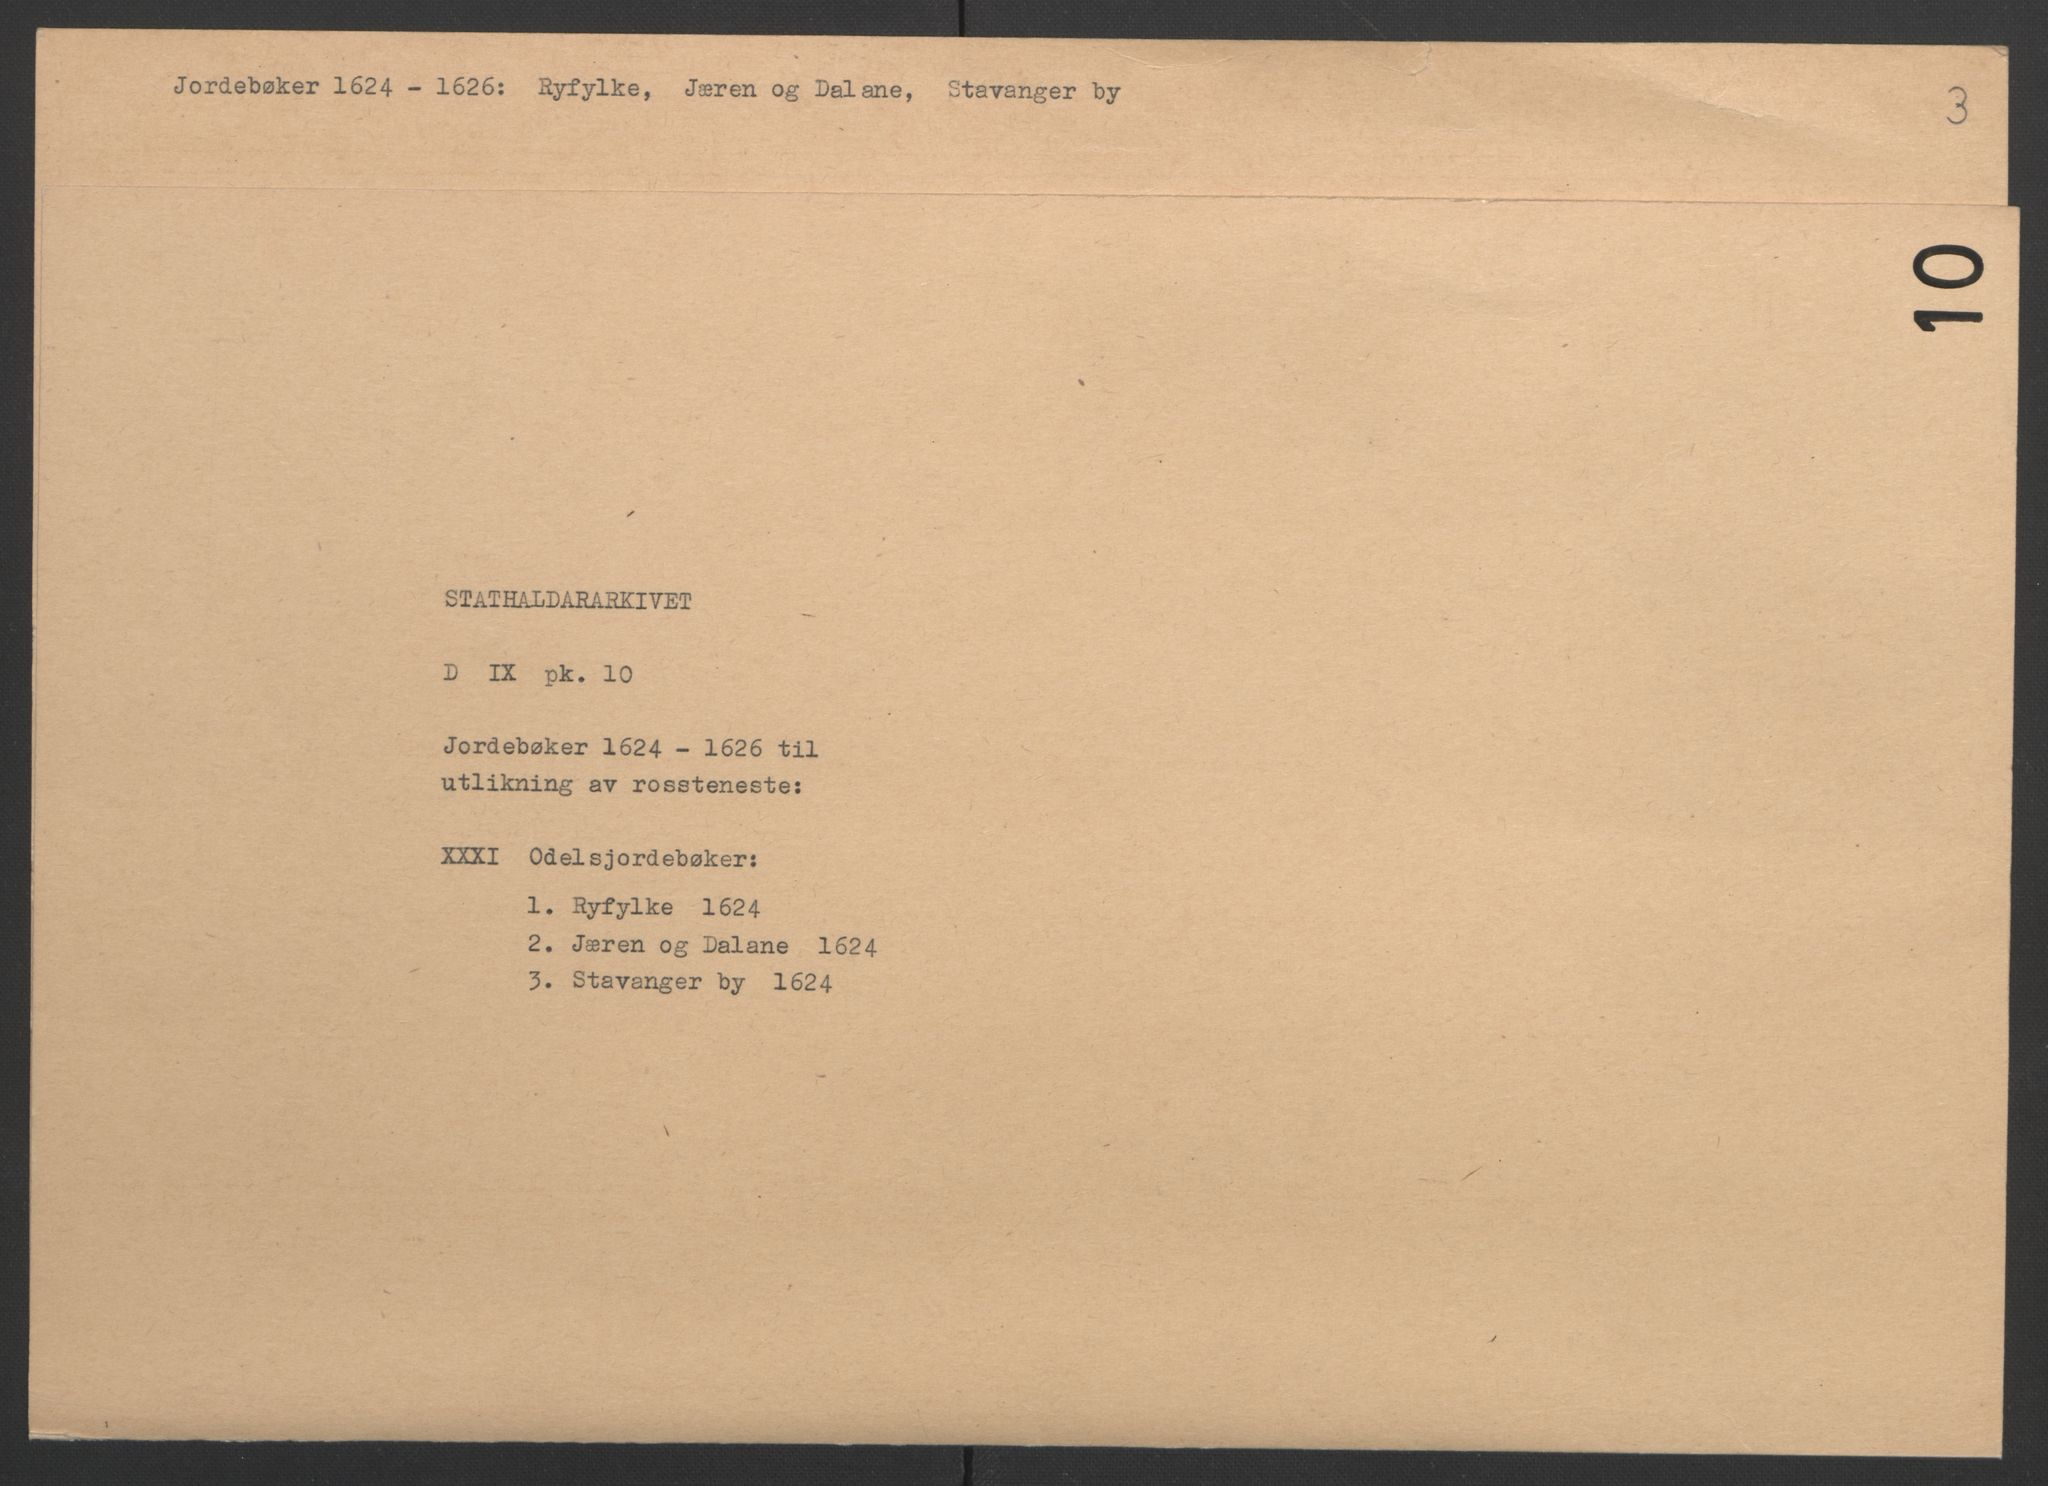 RA, Stattholderembetet 1572-1771, Ek/L0010: Jordebøker til utlikning av rosstjeneste 1624-1626:, 1624-1626, s. 2